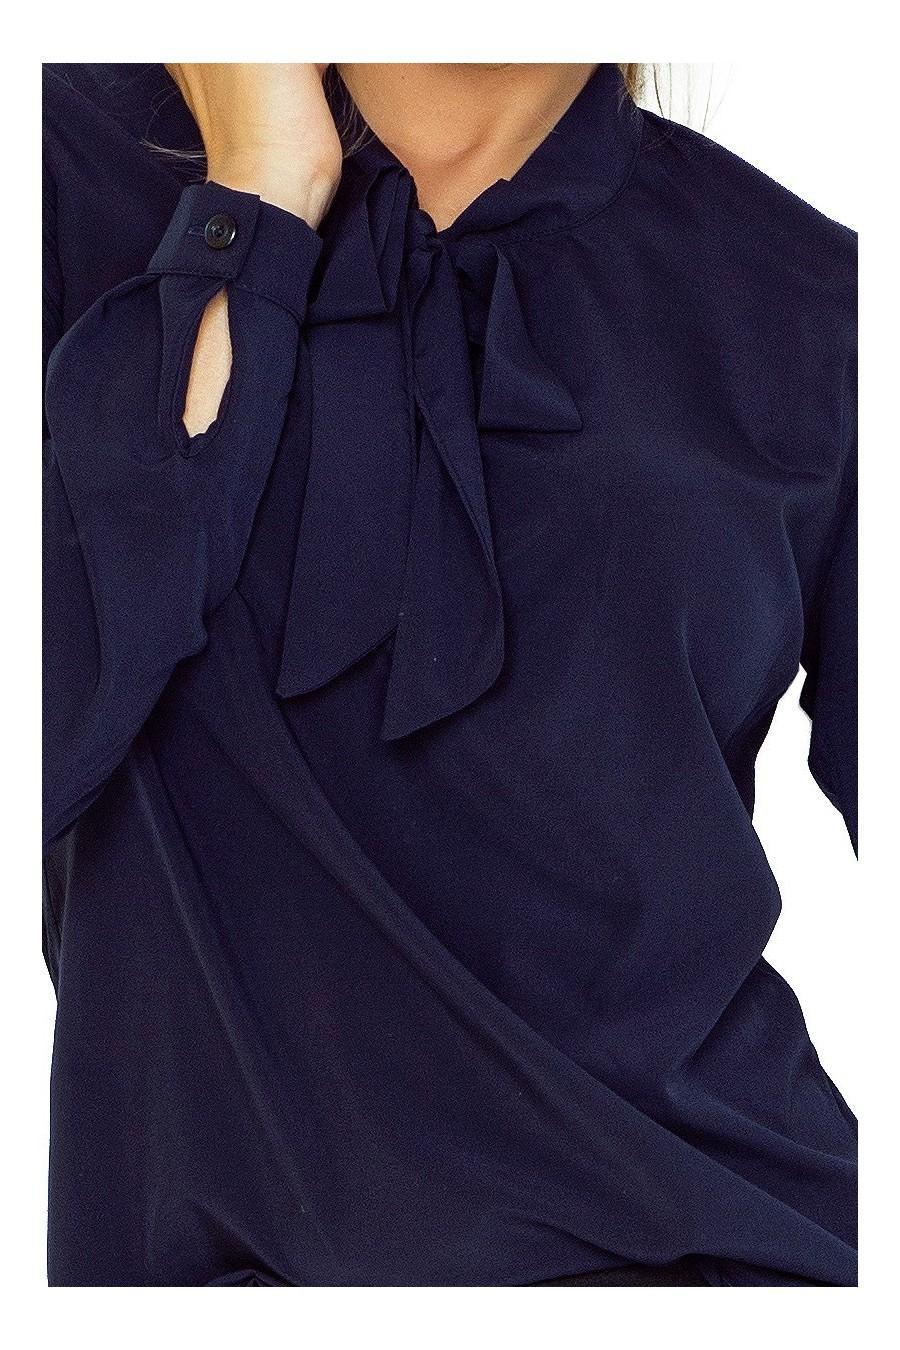 Blůza s vazbou - tmave modre 140-4